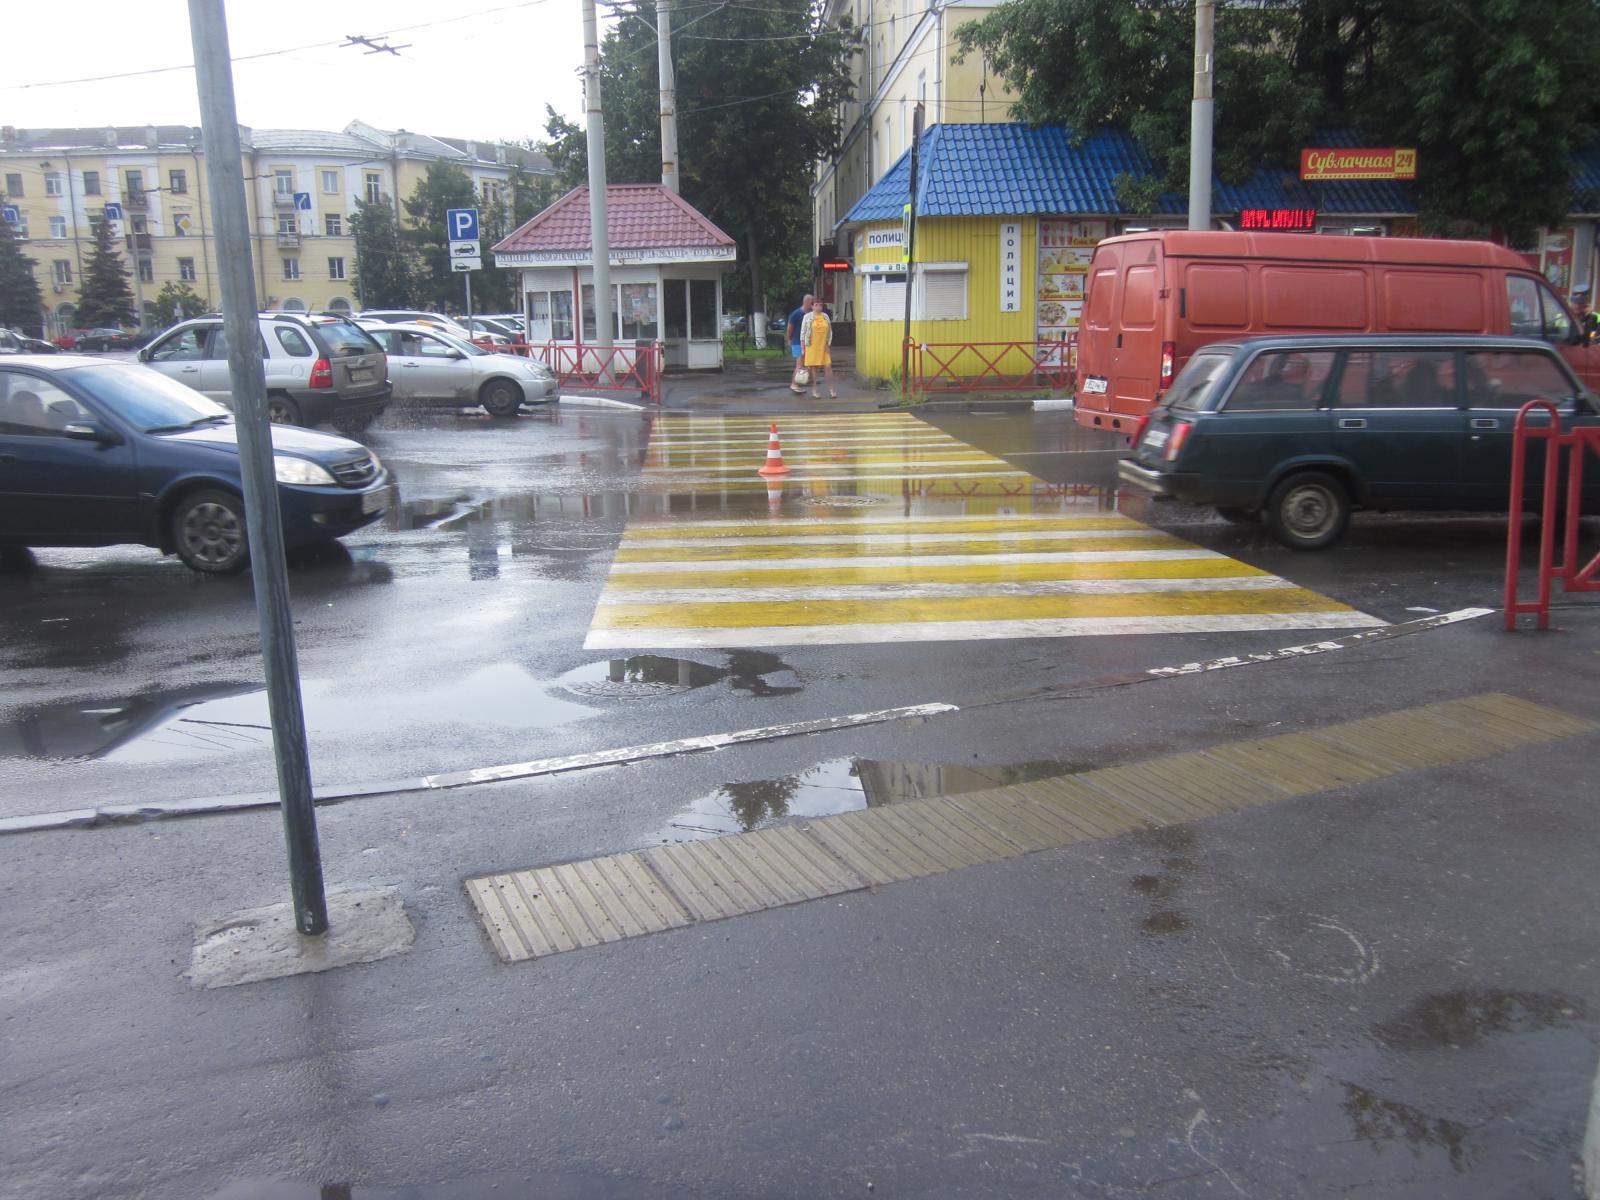 У Ярославля-Главного водитель на ГАЗе сбил женщину на переходе